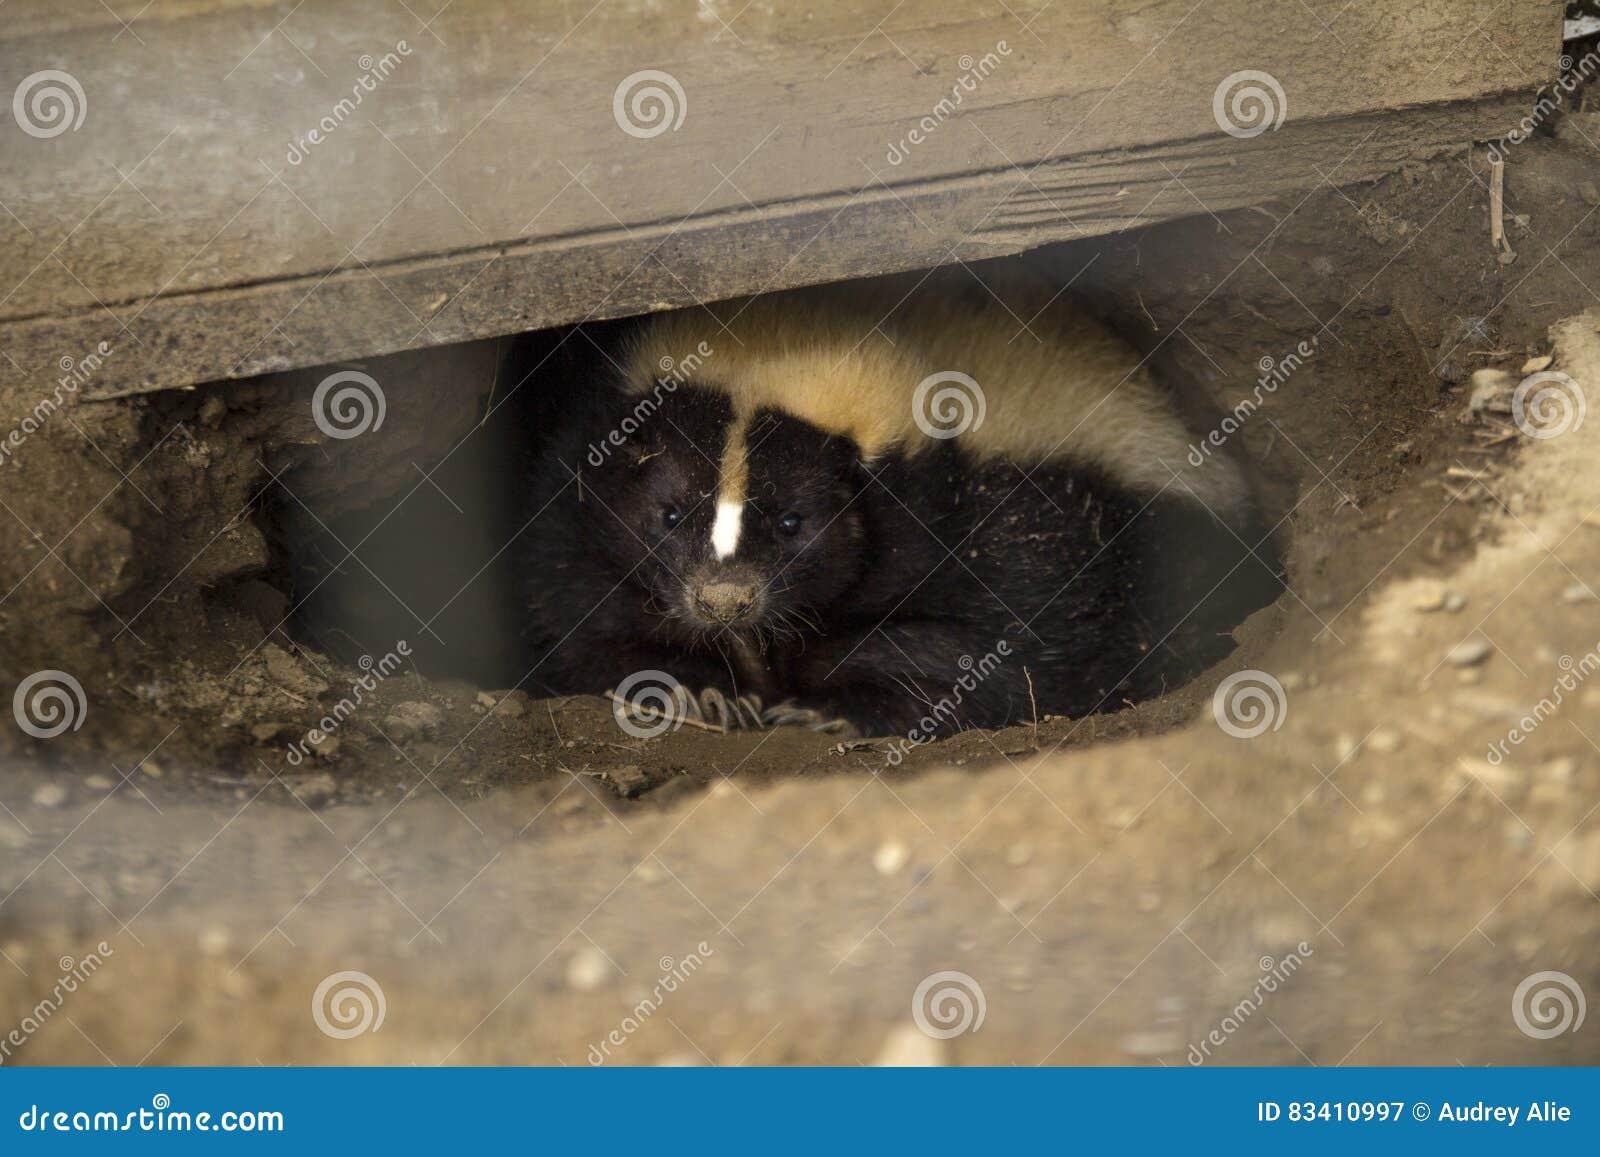 Hidden Skunk